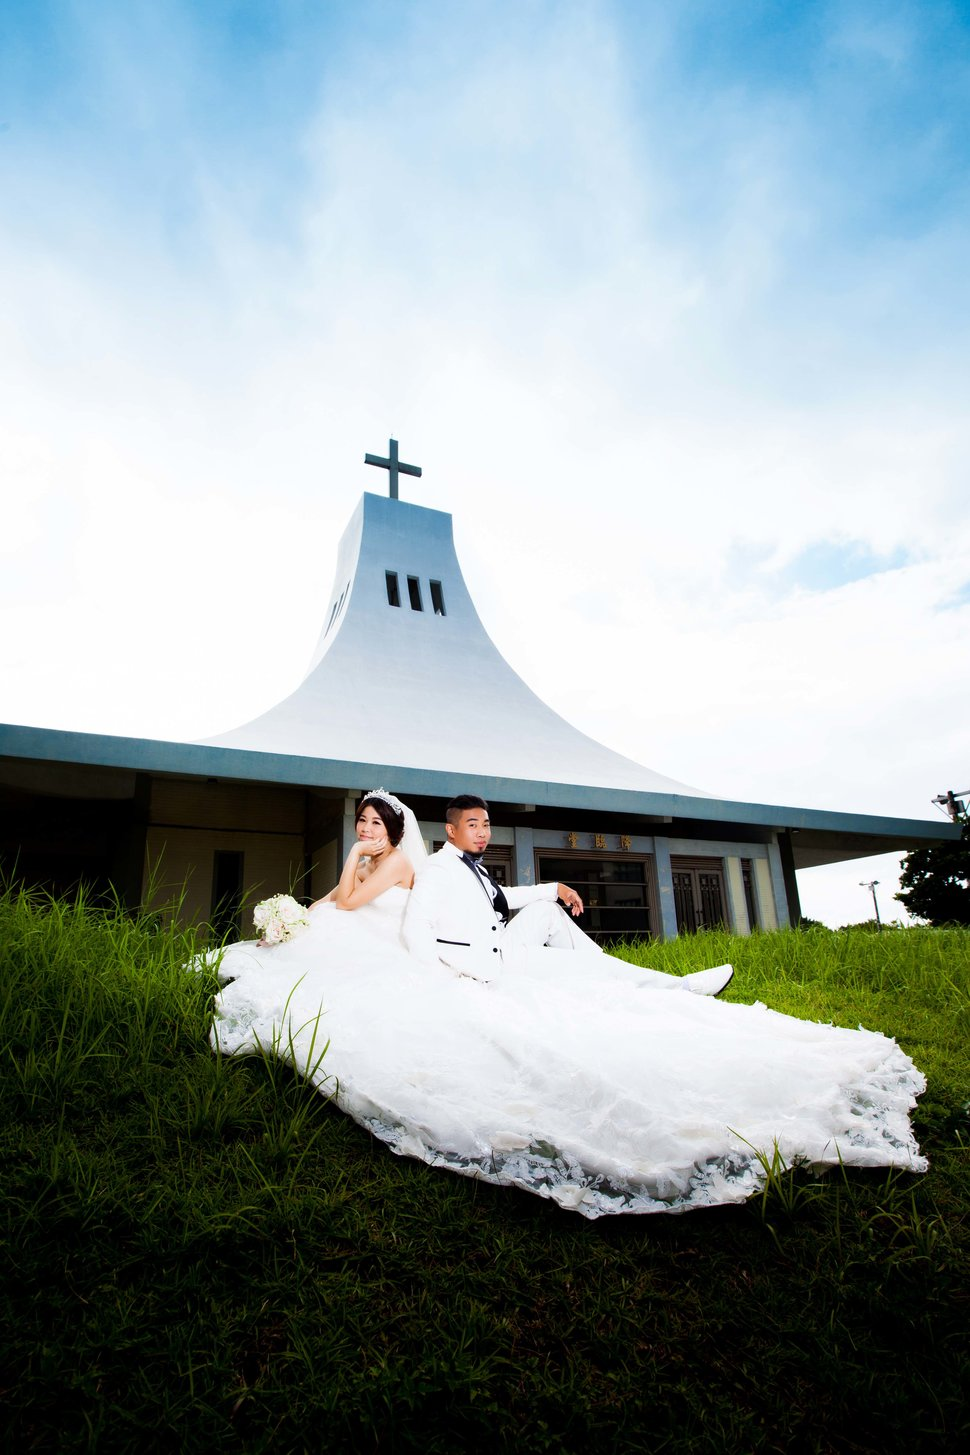 御霖&怡萱-春之嫁衣(編號:308446) - 春之嫁衣精緻婚紗 - 結婚吧